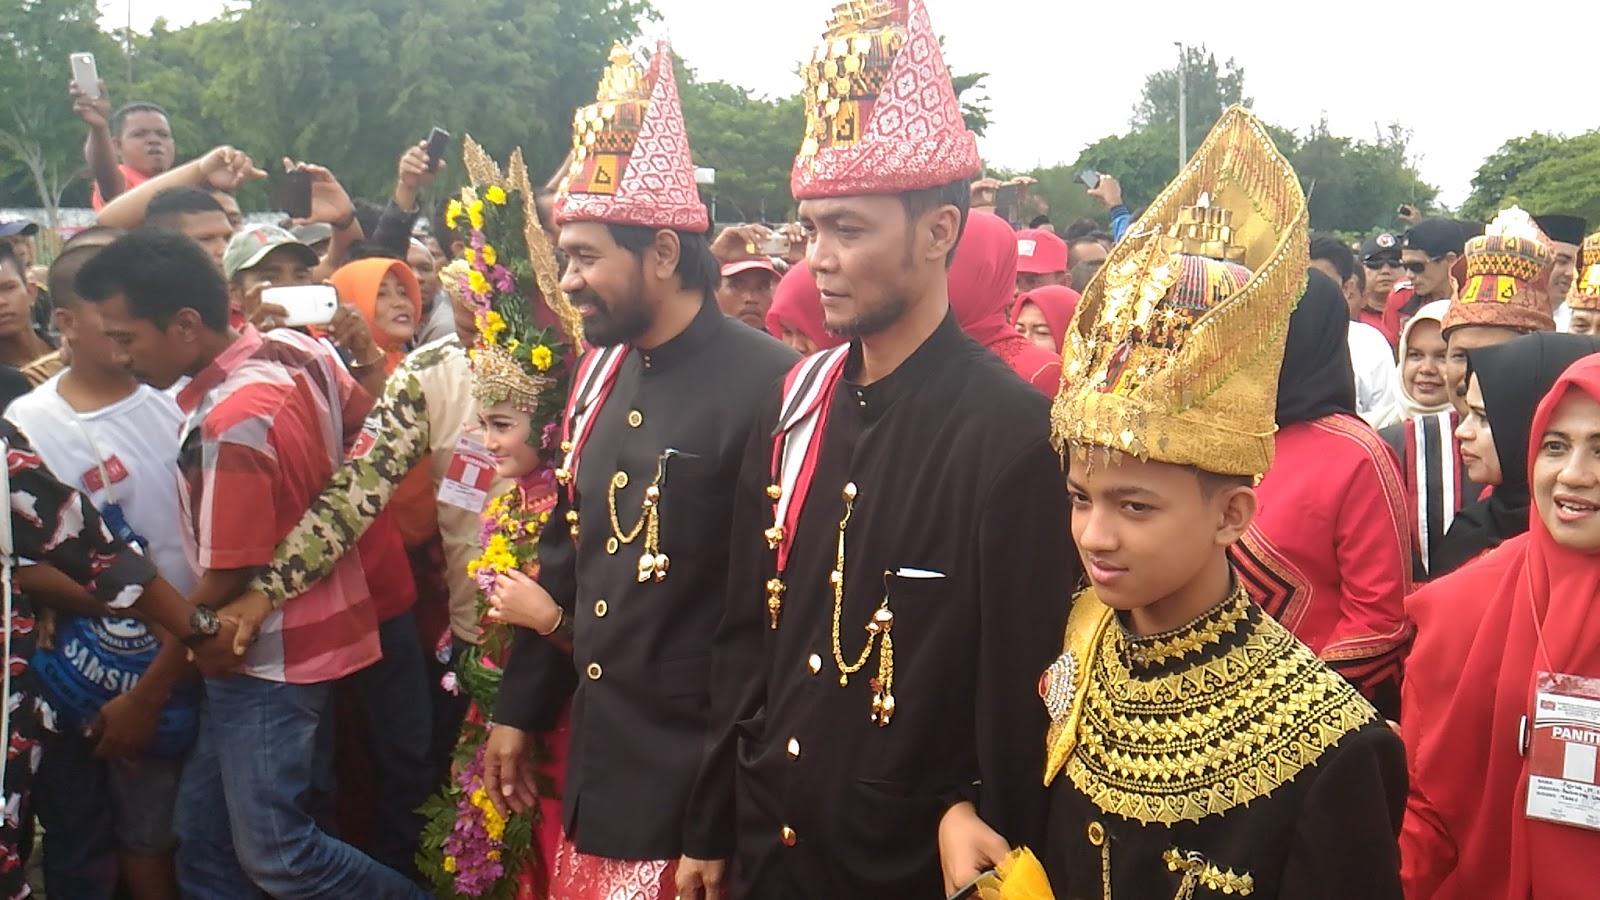 Muzakir Manaf Bertarunglah Dalam Pilkada Aceh Yang Sopan Dan